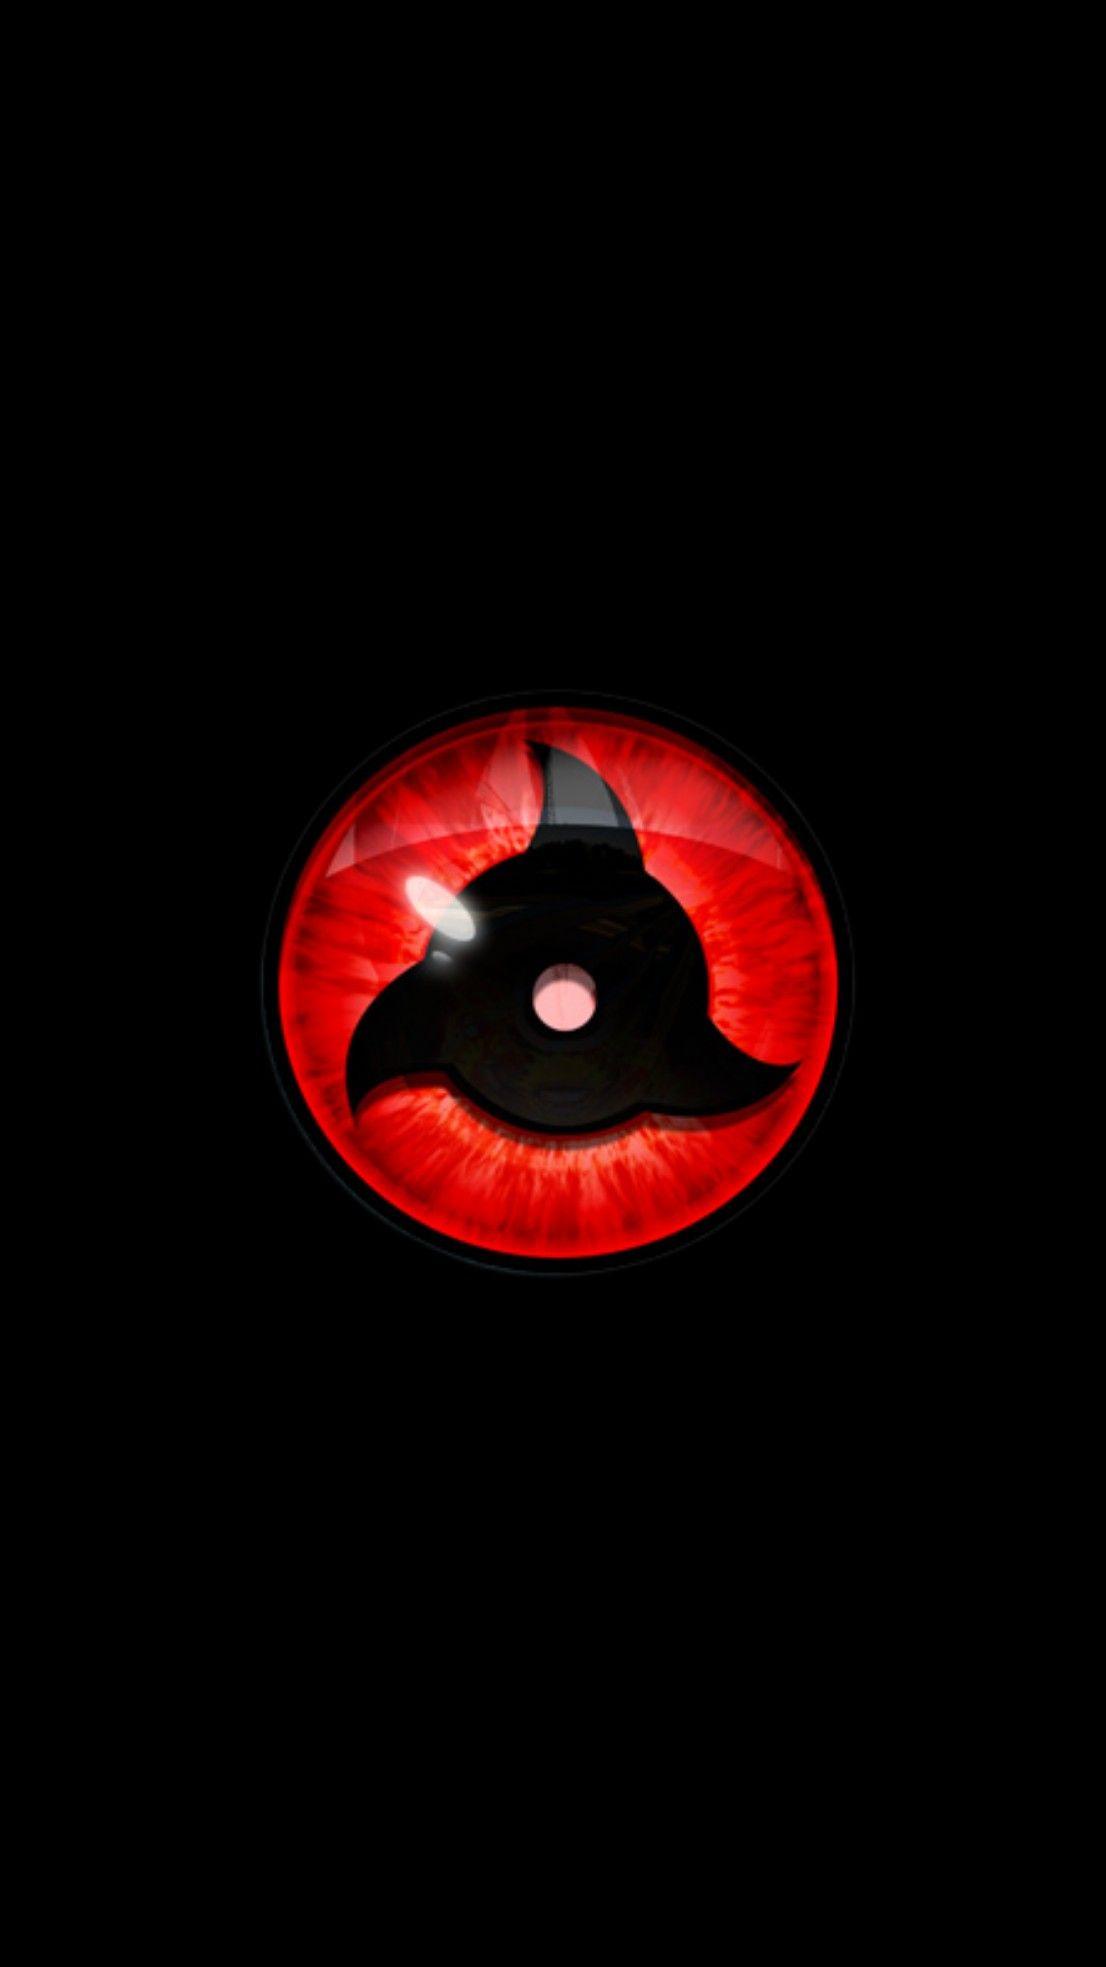 Naruto Sharingan Eyes Black Wallpaper Android Iphone Eyes Wallpaper Sharingan Wallpapers Anime Scenery Wallpaper